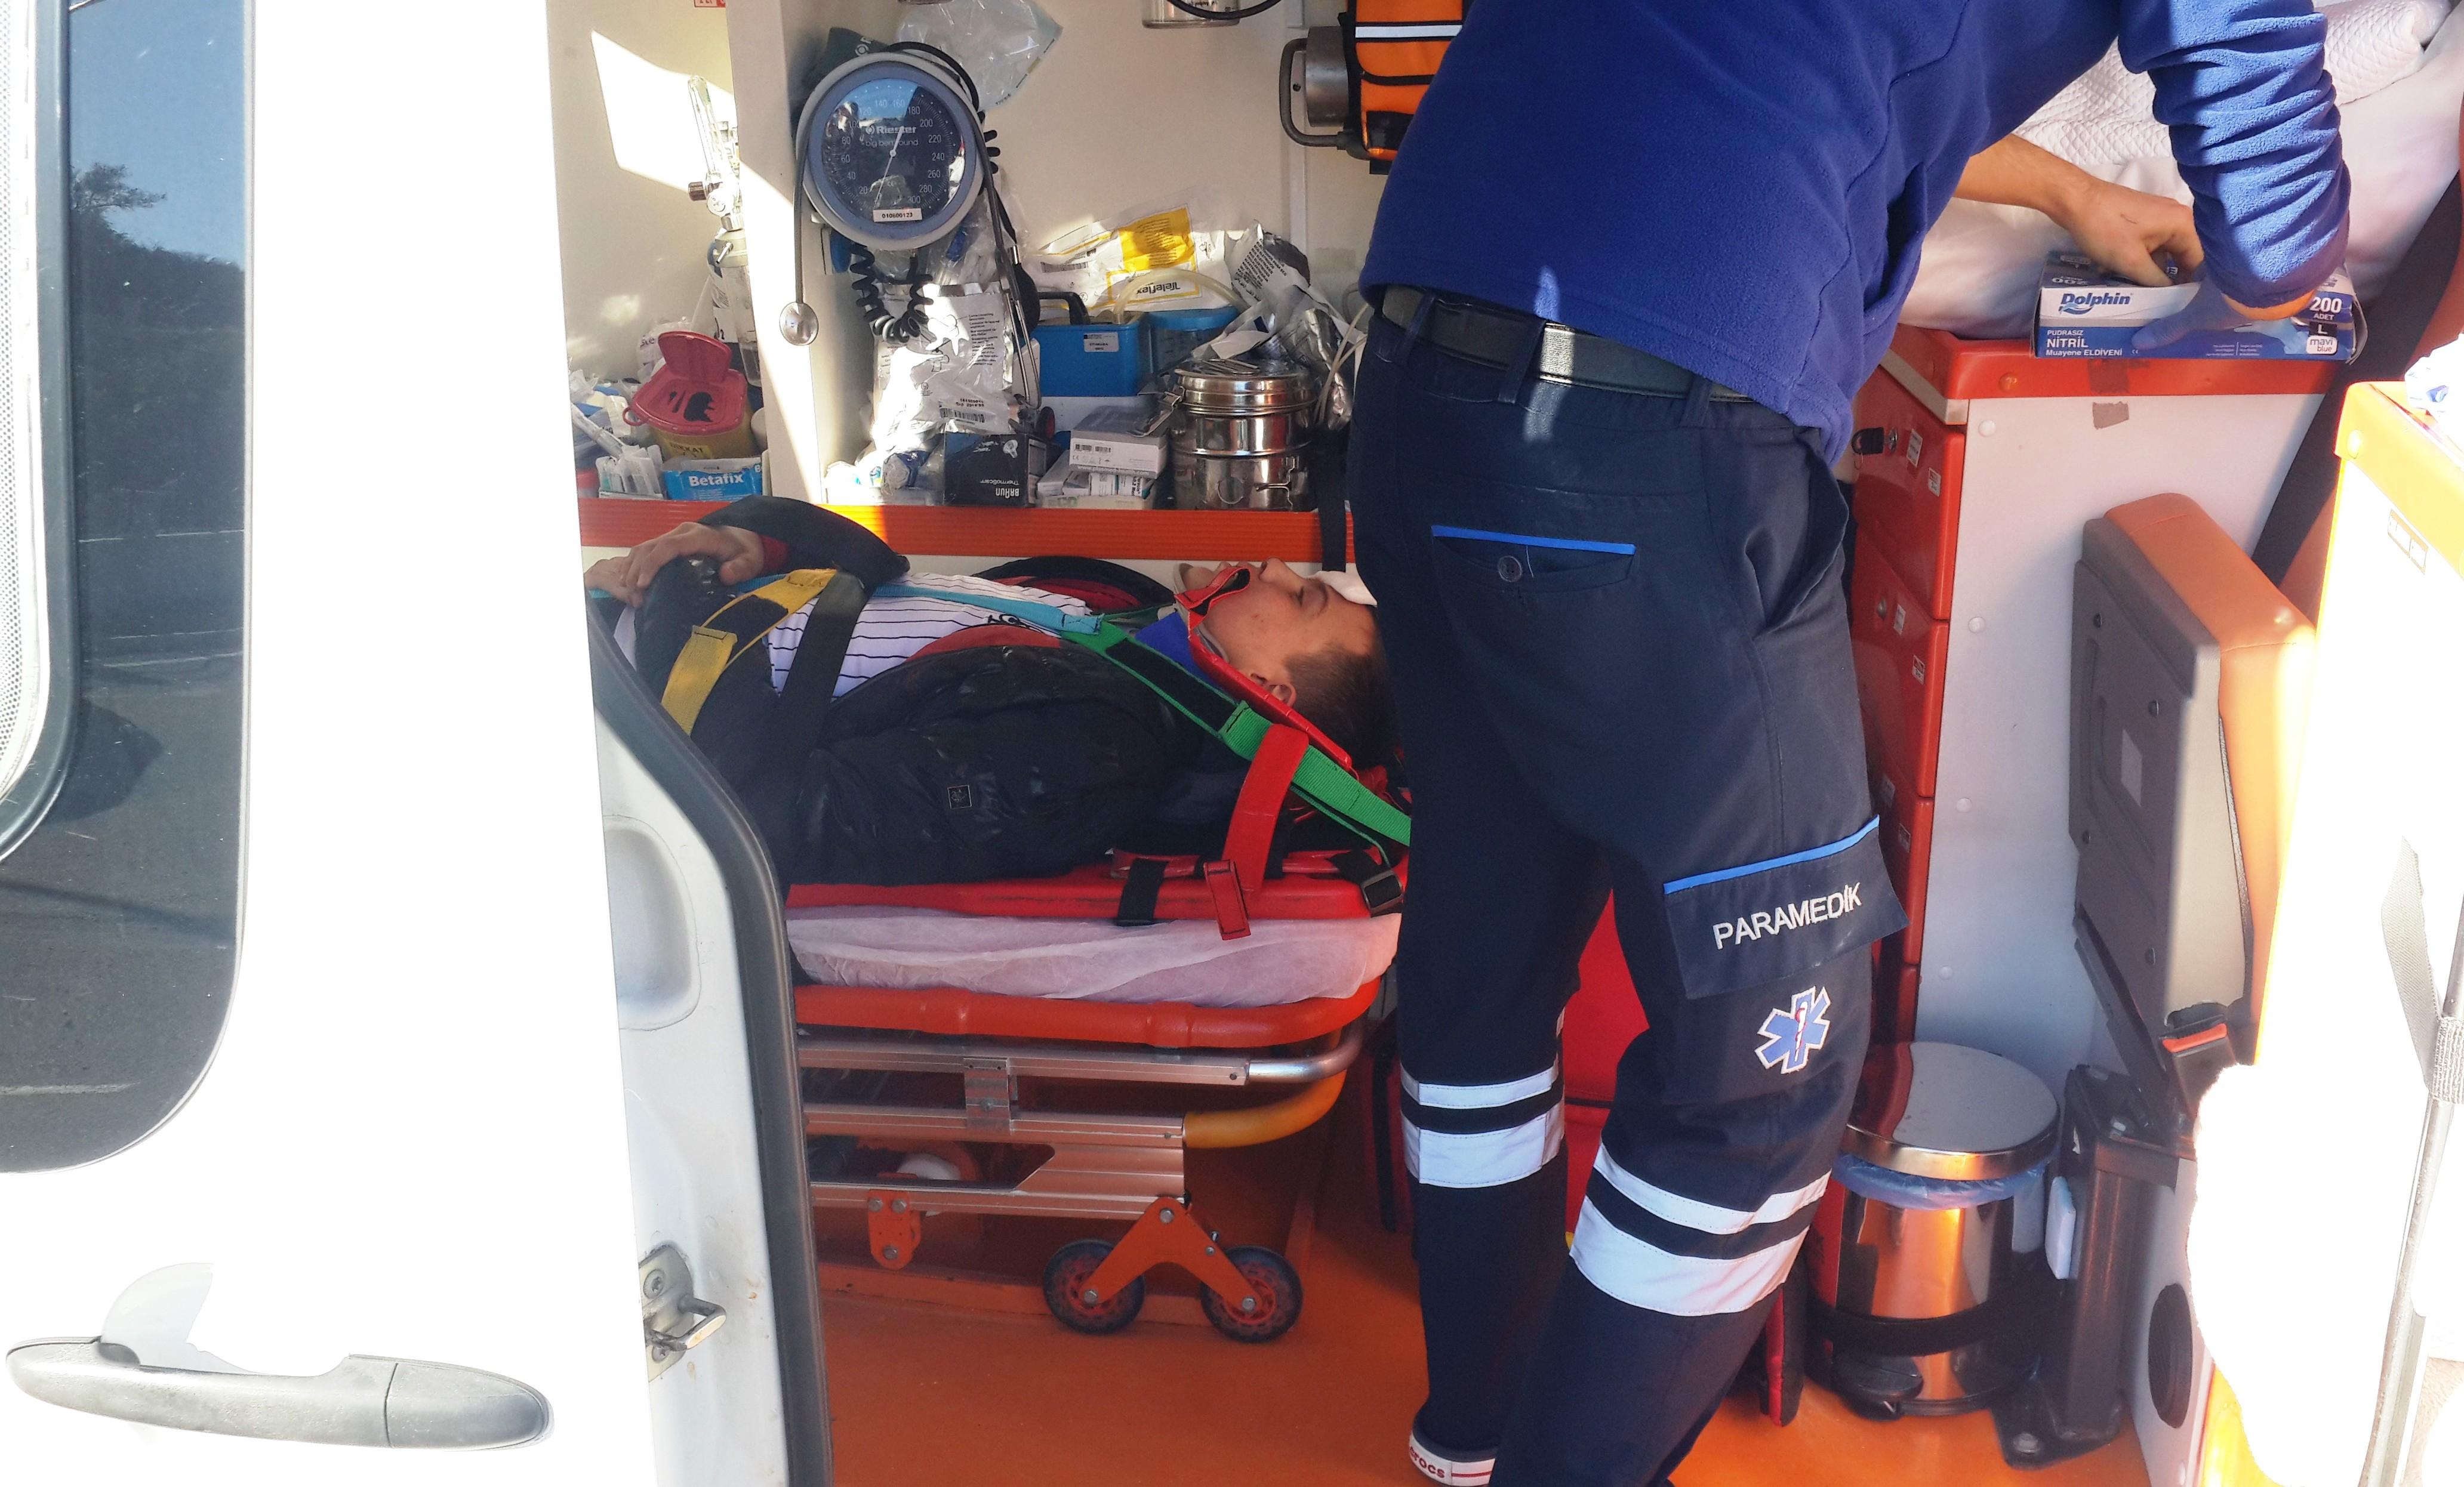 konacık kaza KONACIK'TA MEYDANA GELEN KAZADA 2 GENÇ YARALANDI… konacik motor kazasi 5